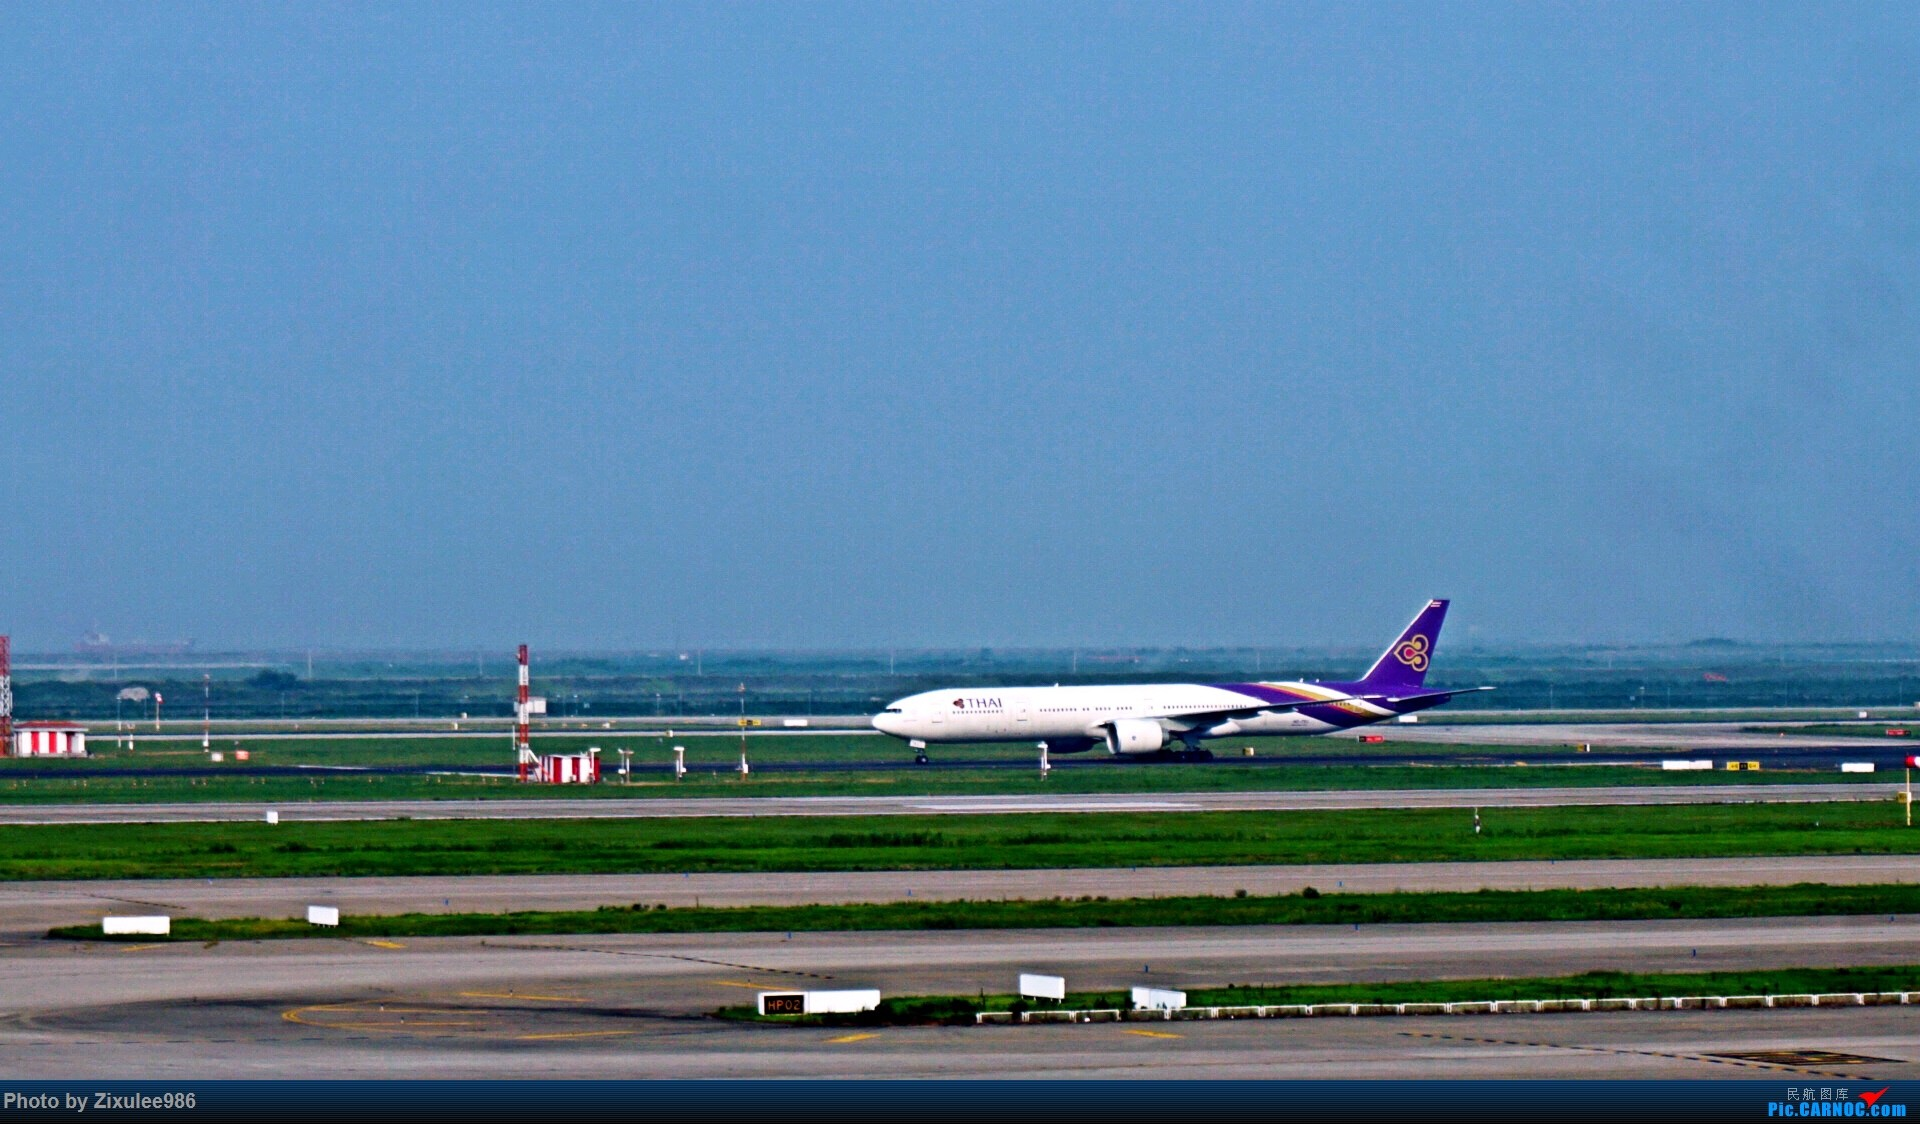 Re:[原创]加拿大21日游学之旅 (二)~加航AC28..PVG-YYZ到达多村后的雨天~多图缓更,请各位大侠谅解~ BOEING 777-300 (ER) HS-TKU 中国上海浦东国际机场